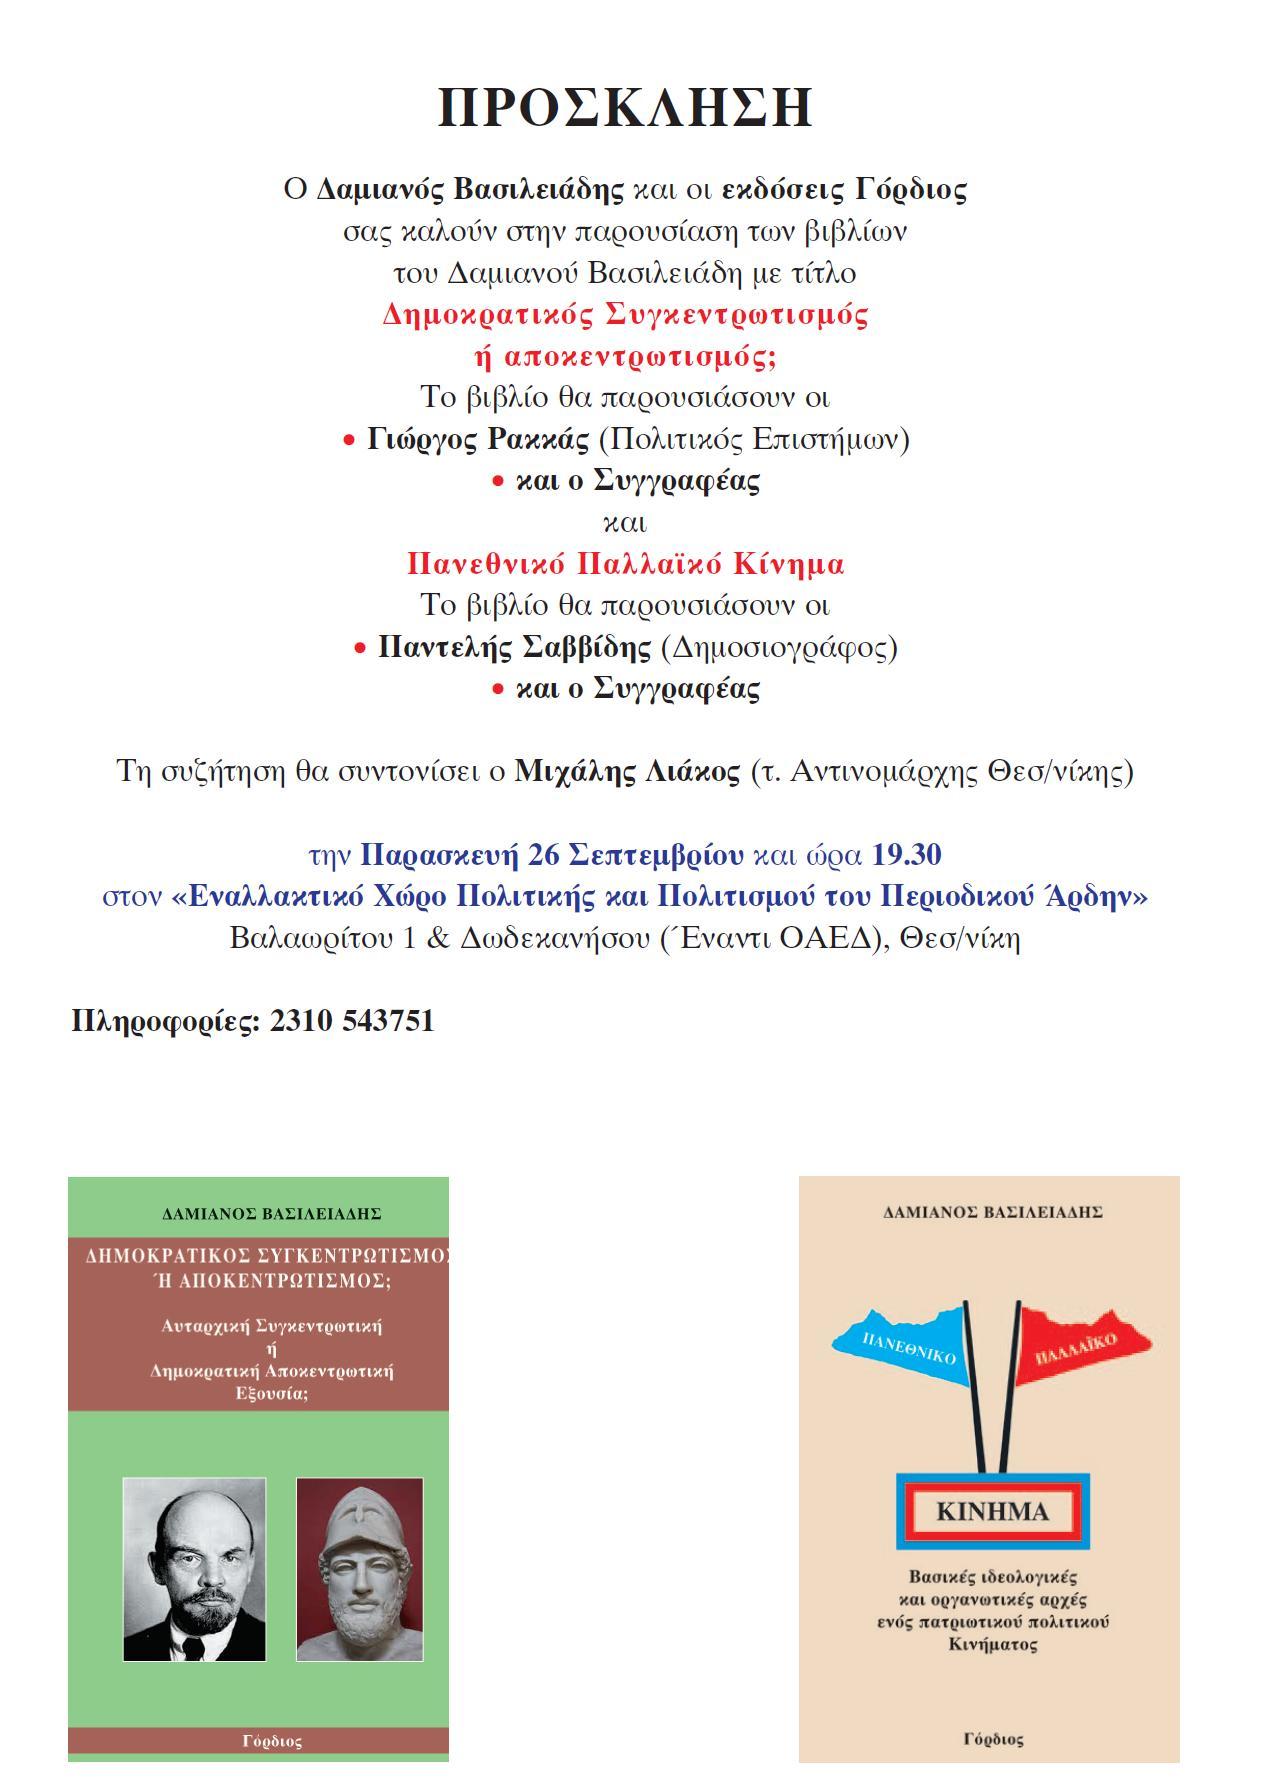 Προσκληση Θεσσ 26 Σεπ 2014